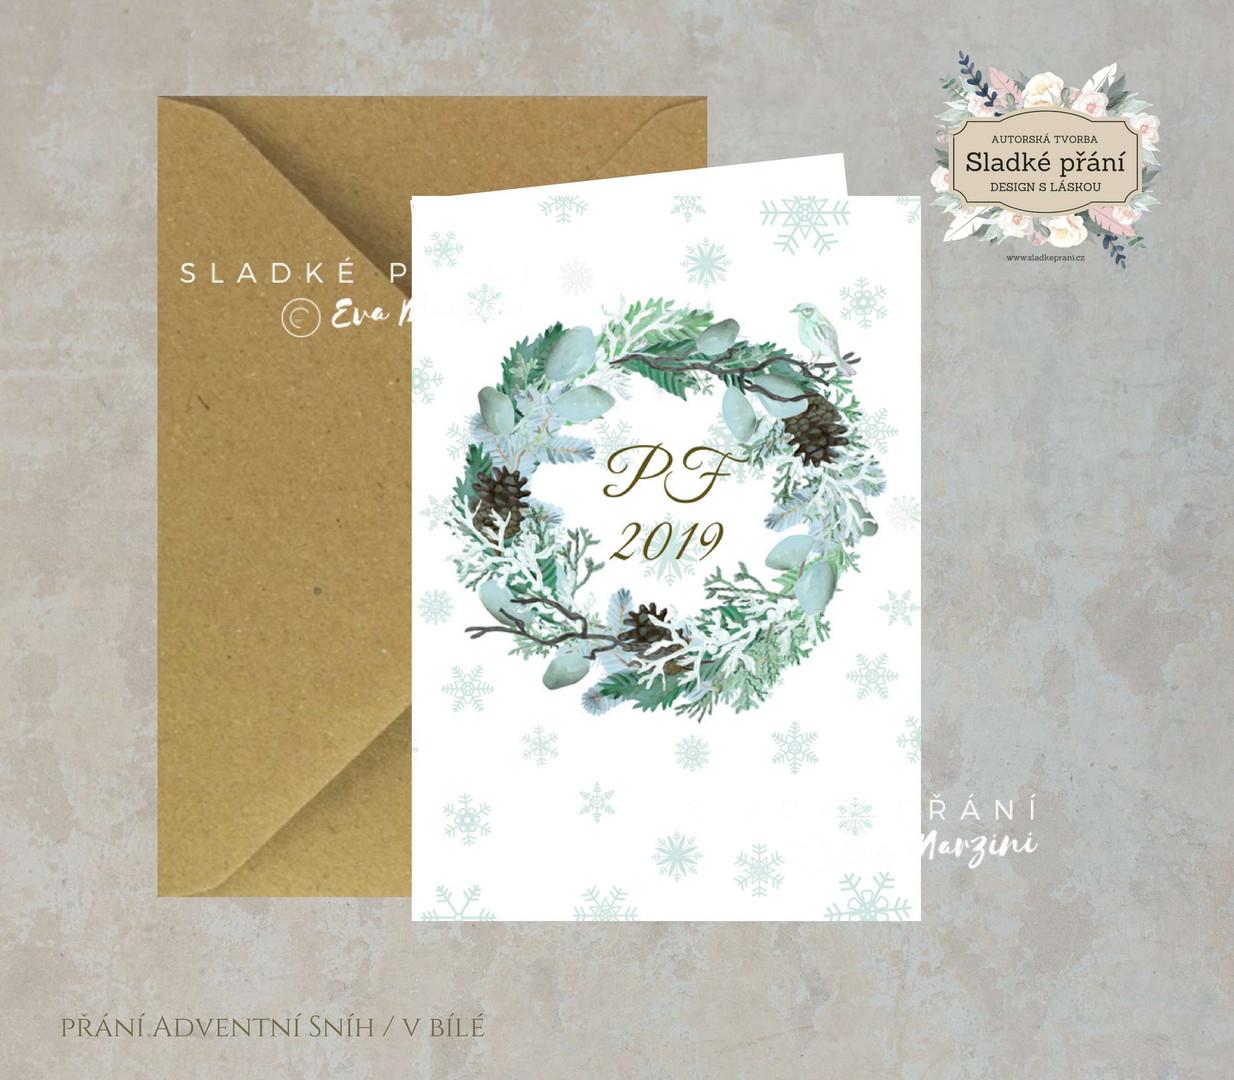 6-Vánoční přání ADVENT SNÍH.jpg